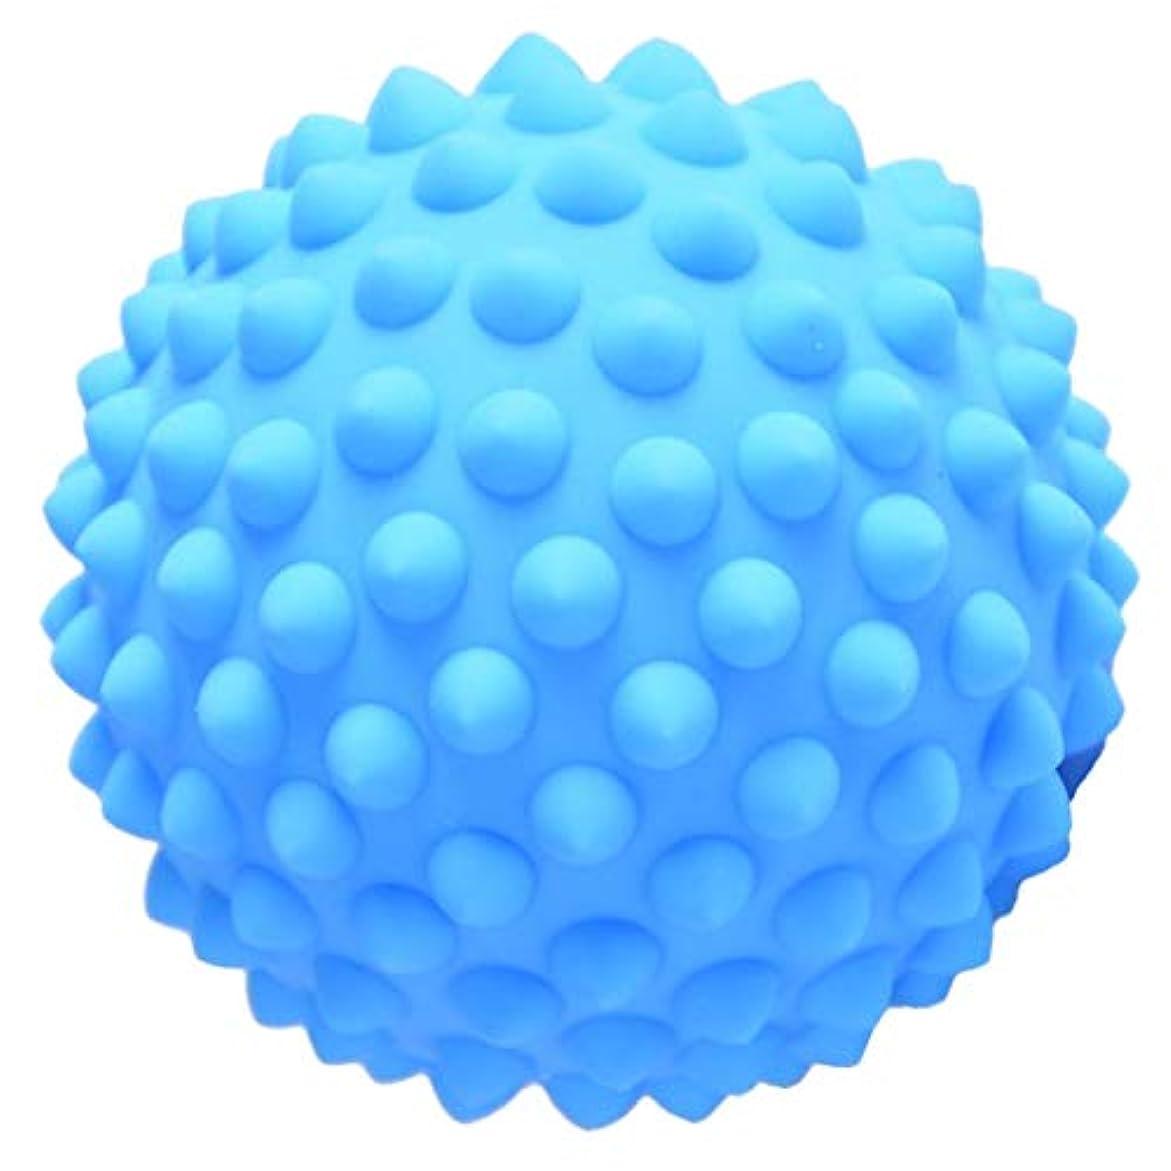 誤解する丁寧ペーストハードマッサージ マッサージボール ハード トリガーマッサージ ポインマッサージ 3色選べ - 青, 説明のとおり